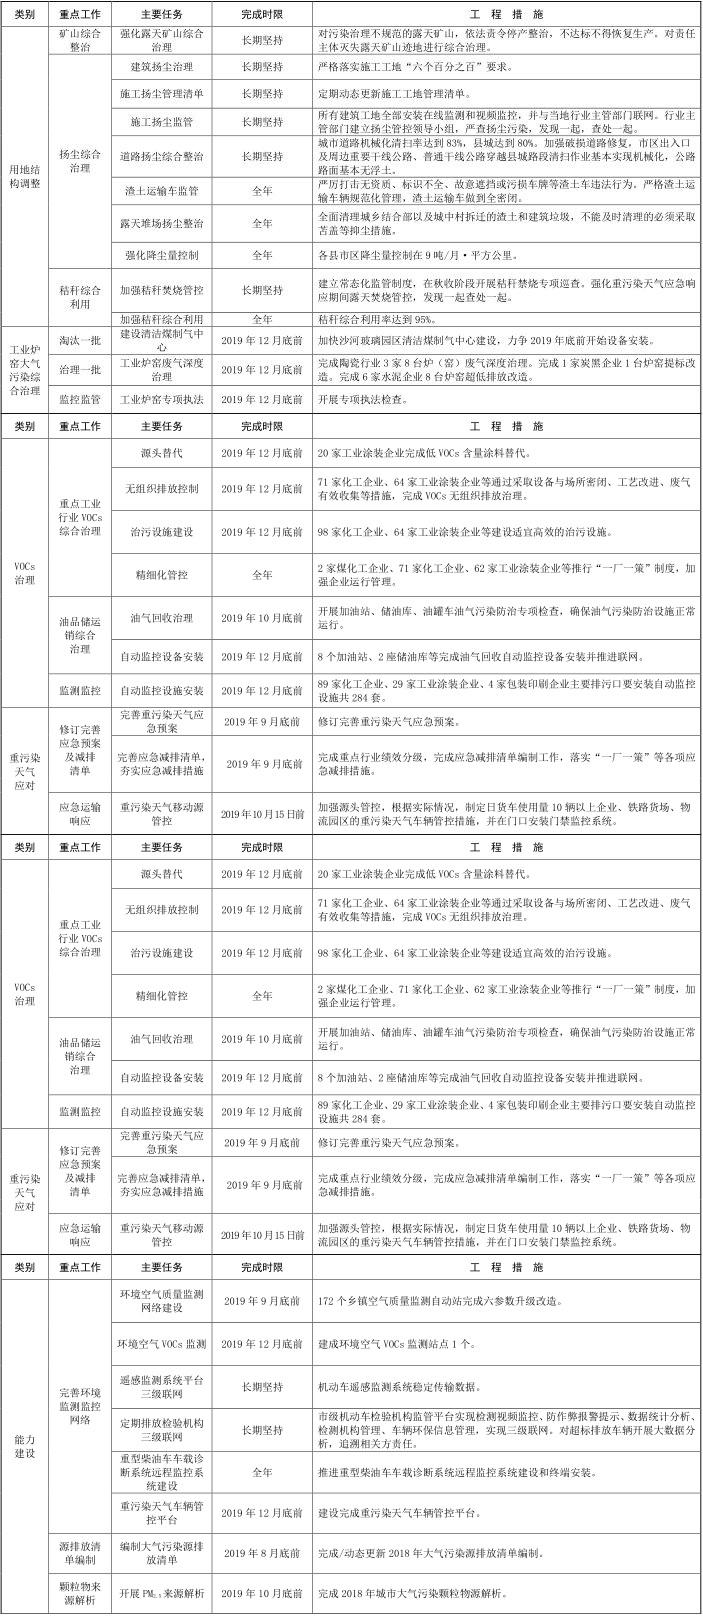 16河北省邢台市 2019-2020 年秋冬季 16